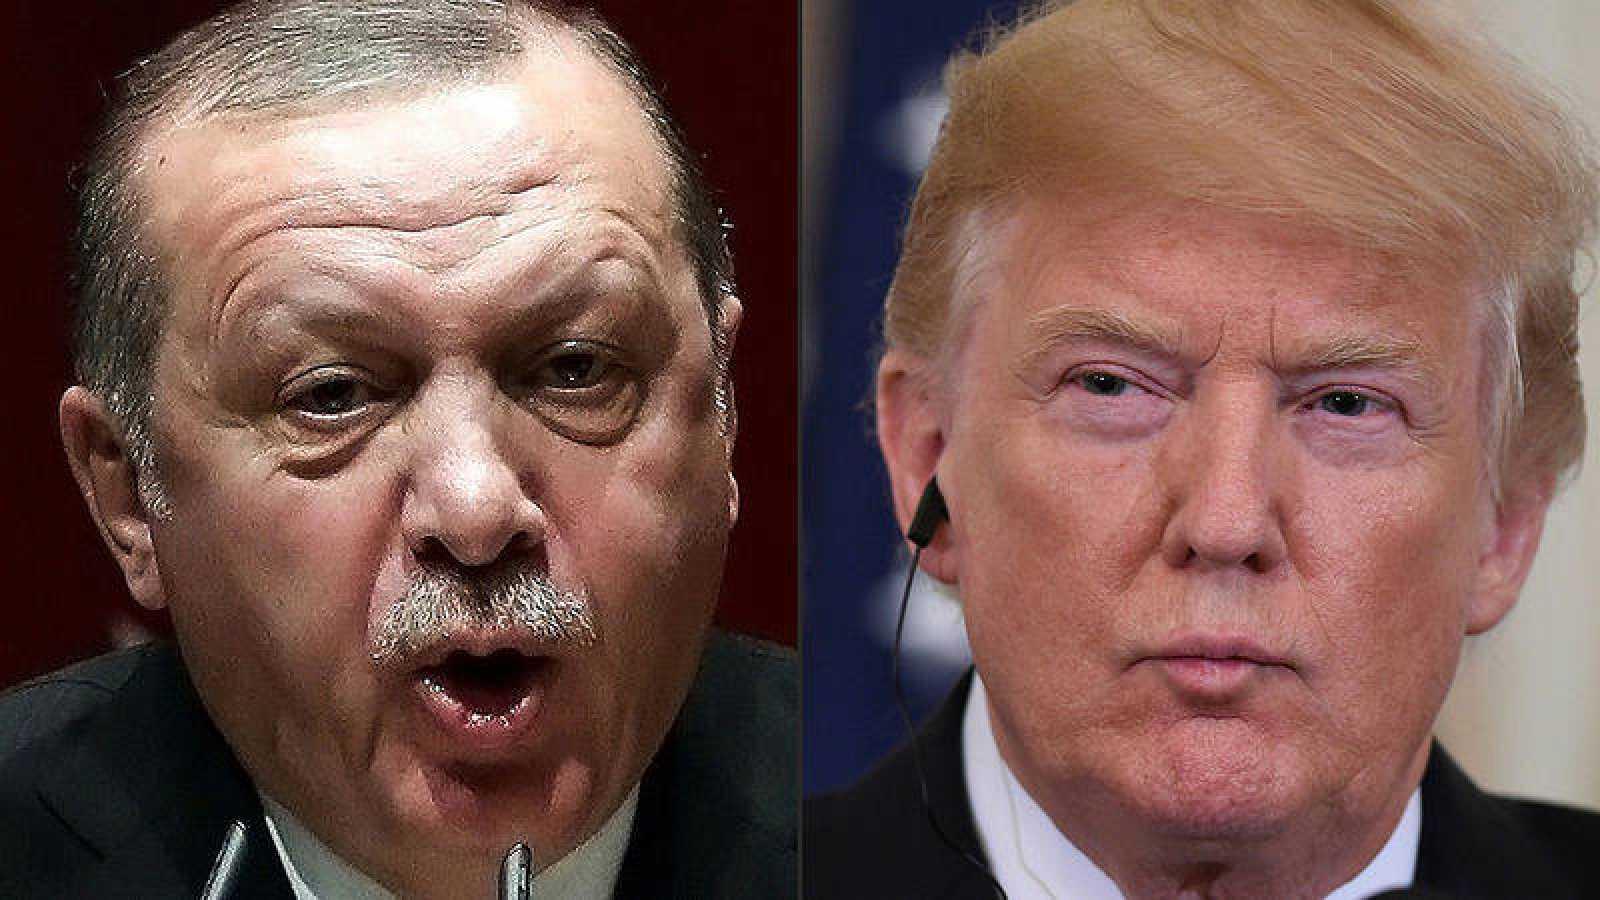 El presidente turco, Recep Tayyip Erdogan (izquierda) y el estadounidense, Donald Trump (Fotos: ADEM ALTAN and SAUL LOEB / AFP)